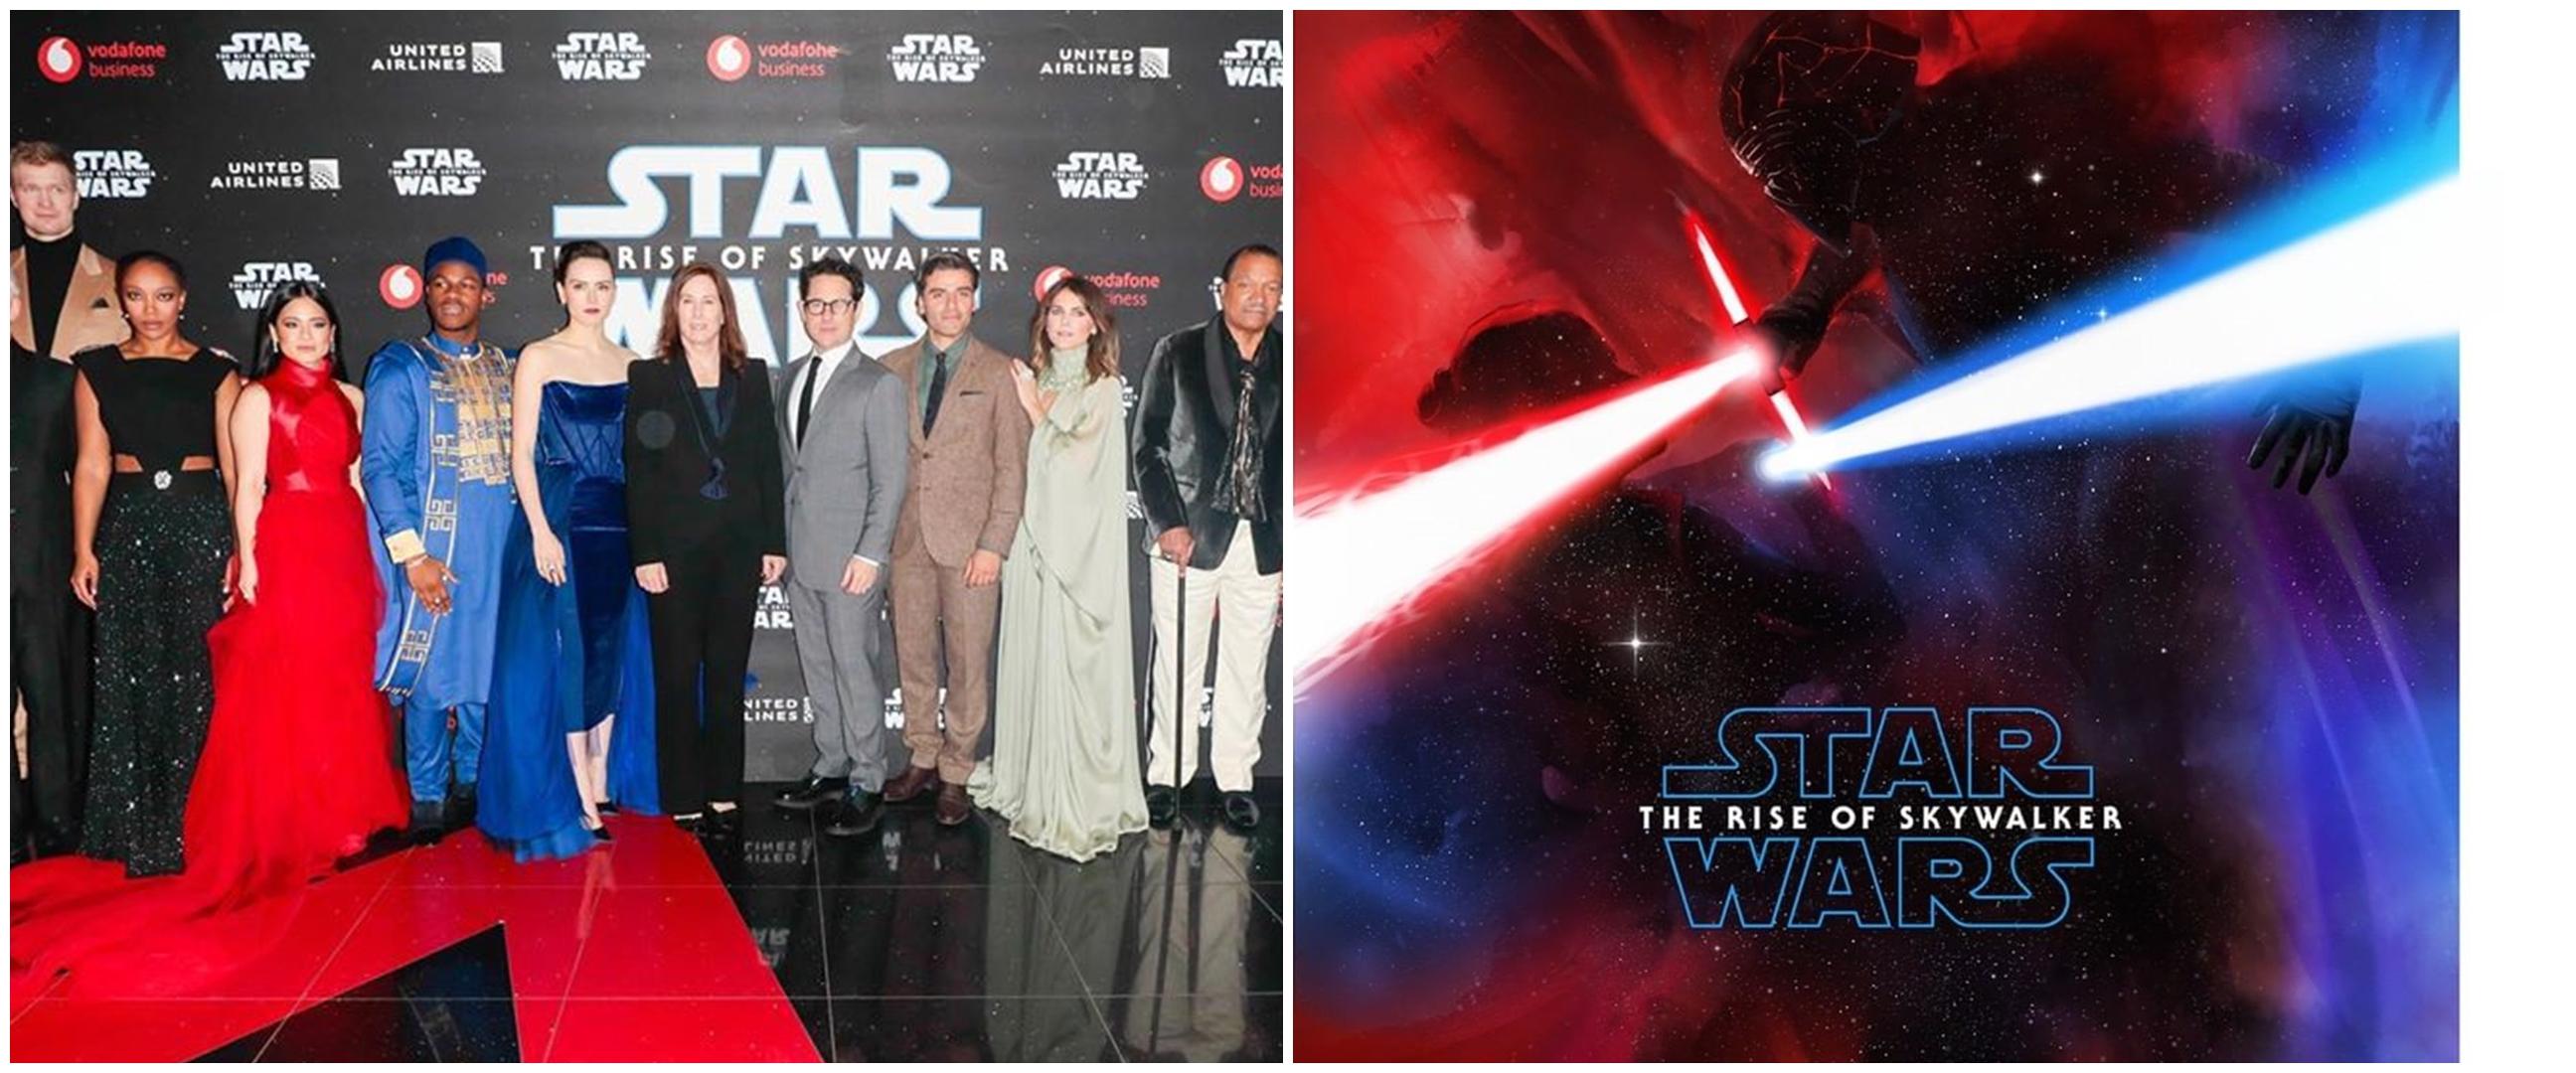 Cara menonton film Star Wars sesuai urutan